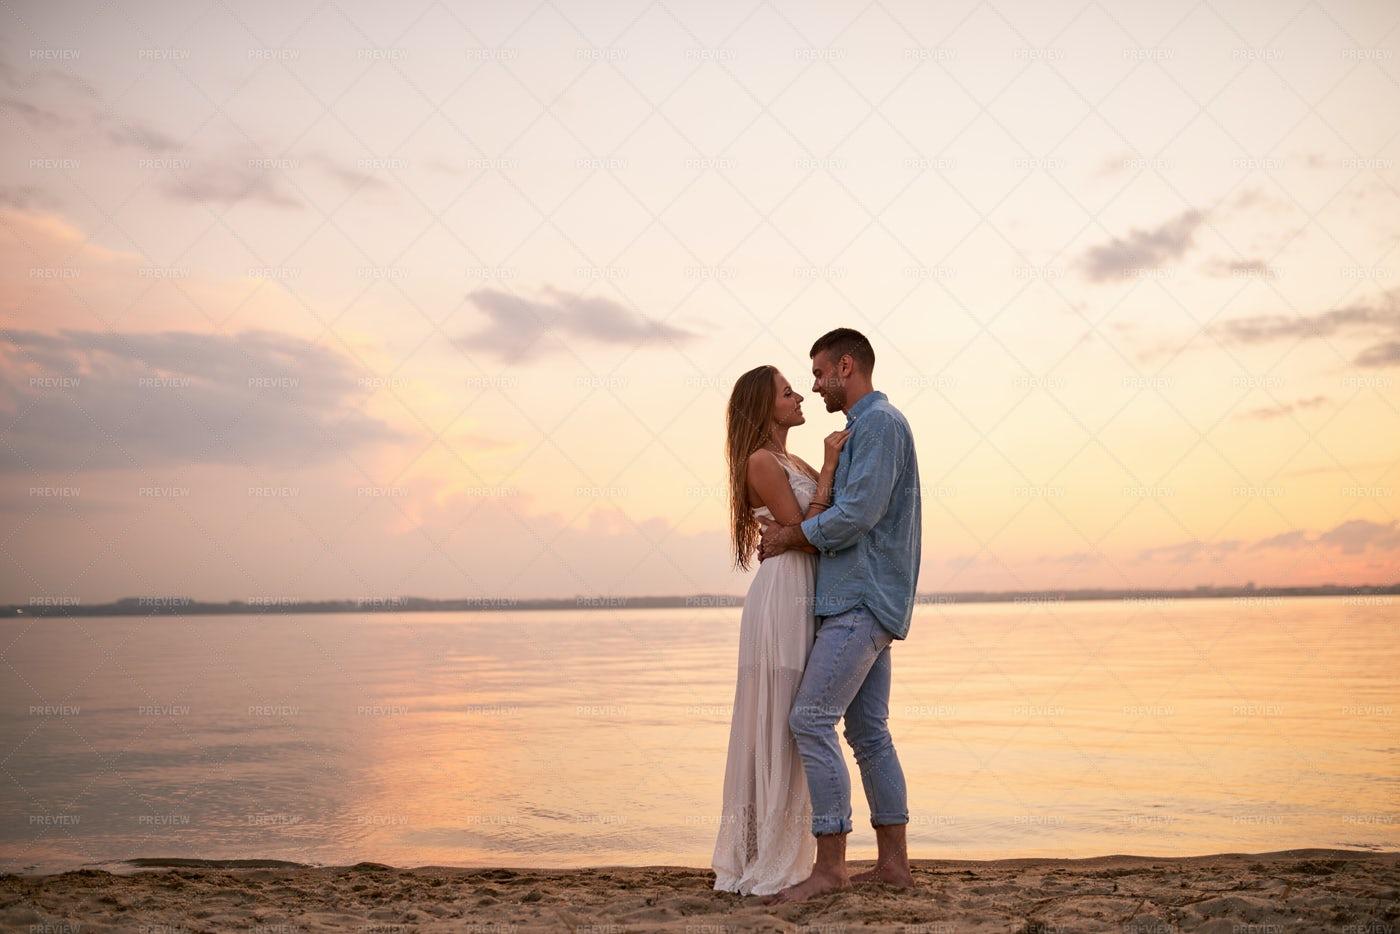 Happy Romantic Couple Enjoying...: Stock Photos